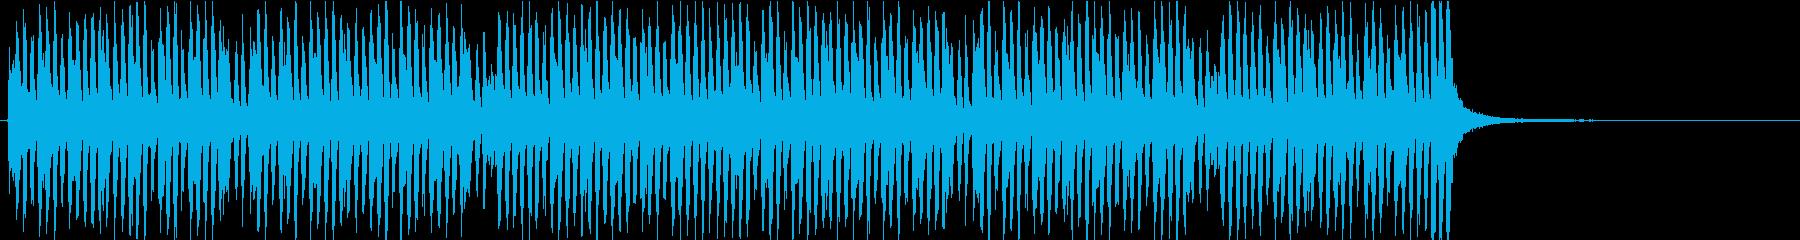 カートゥーン 動物の運動会 ディズニー風の再生済みの波形